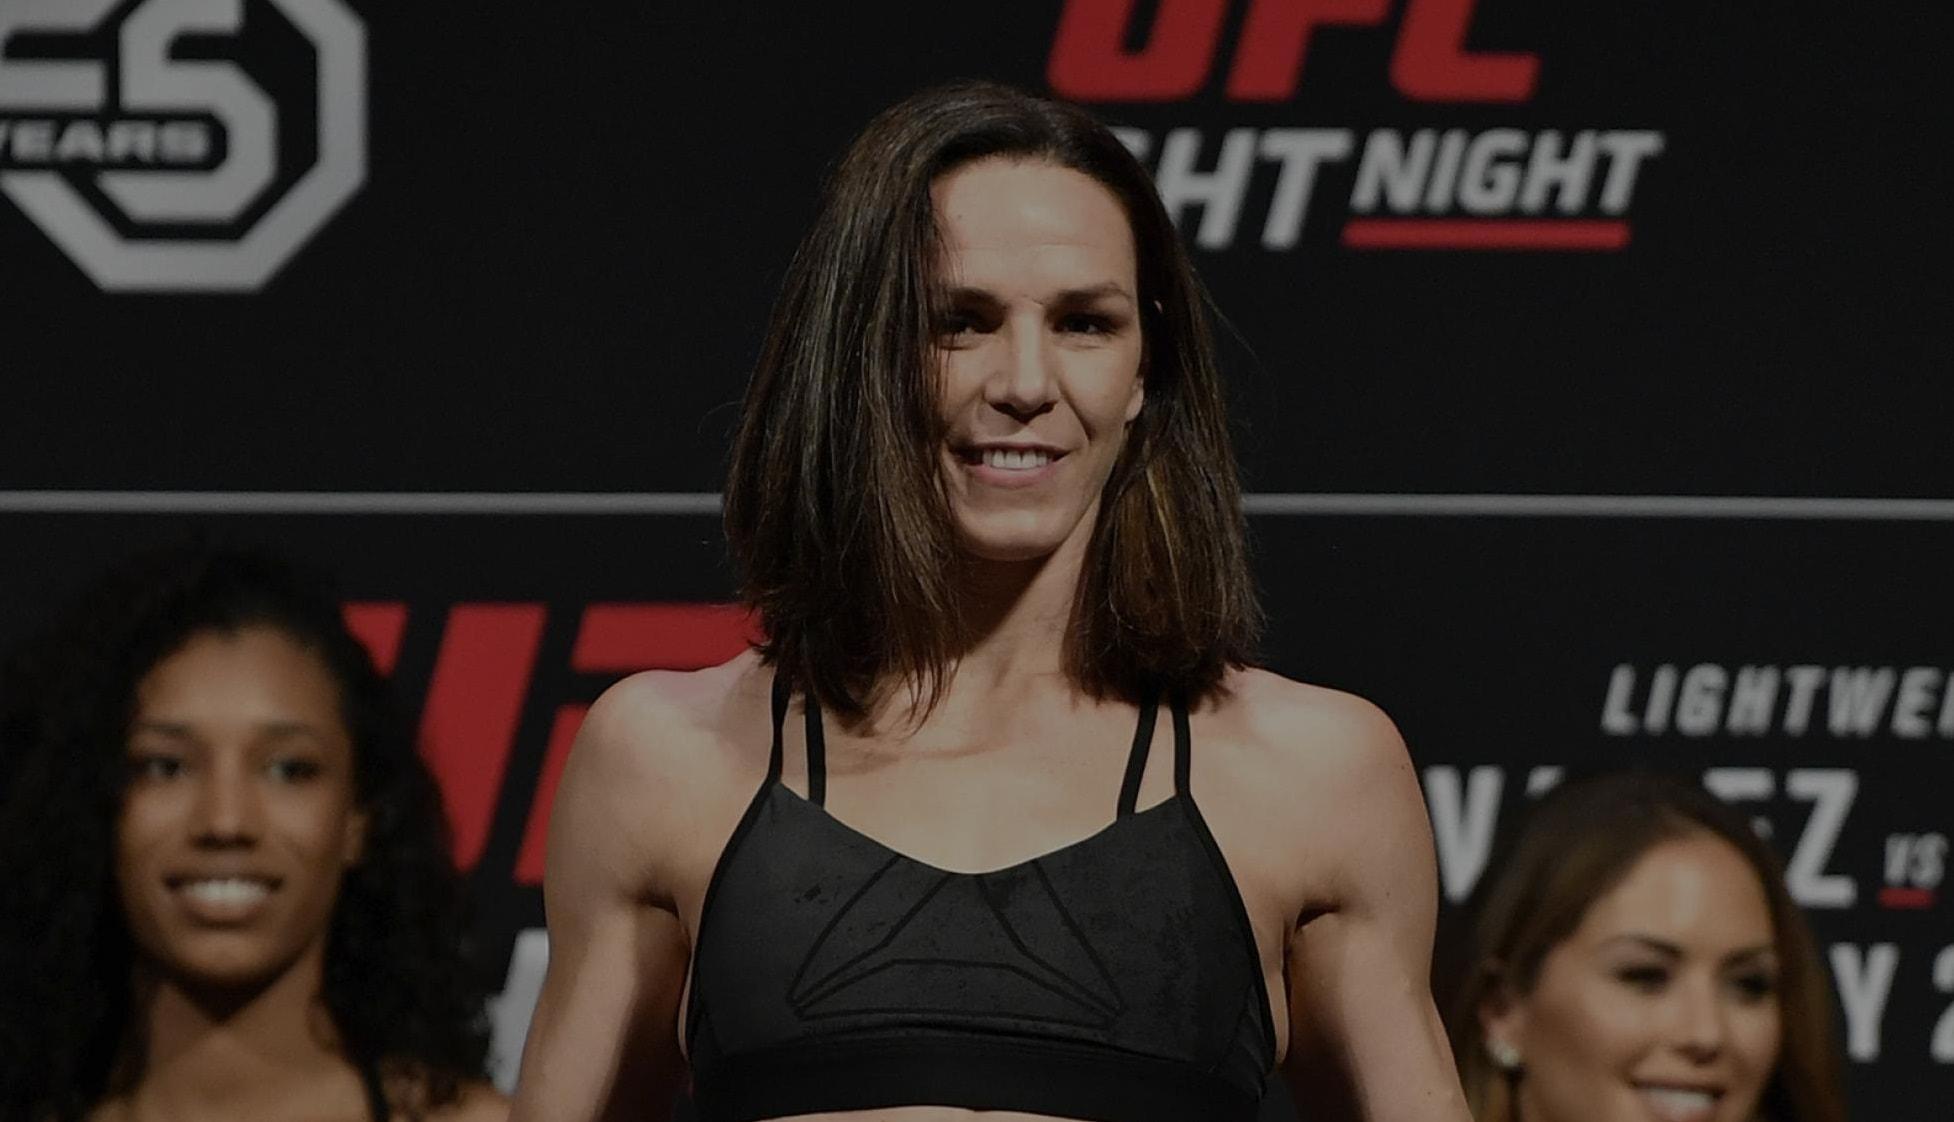 Алексис Дэвис - боец UFC из Канады: биография, статистика и лучшие бои